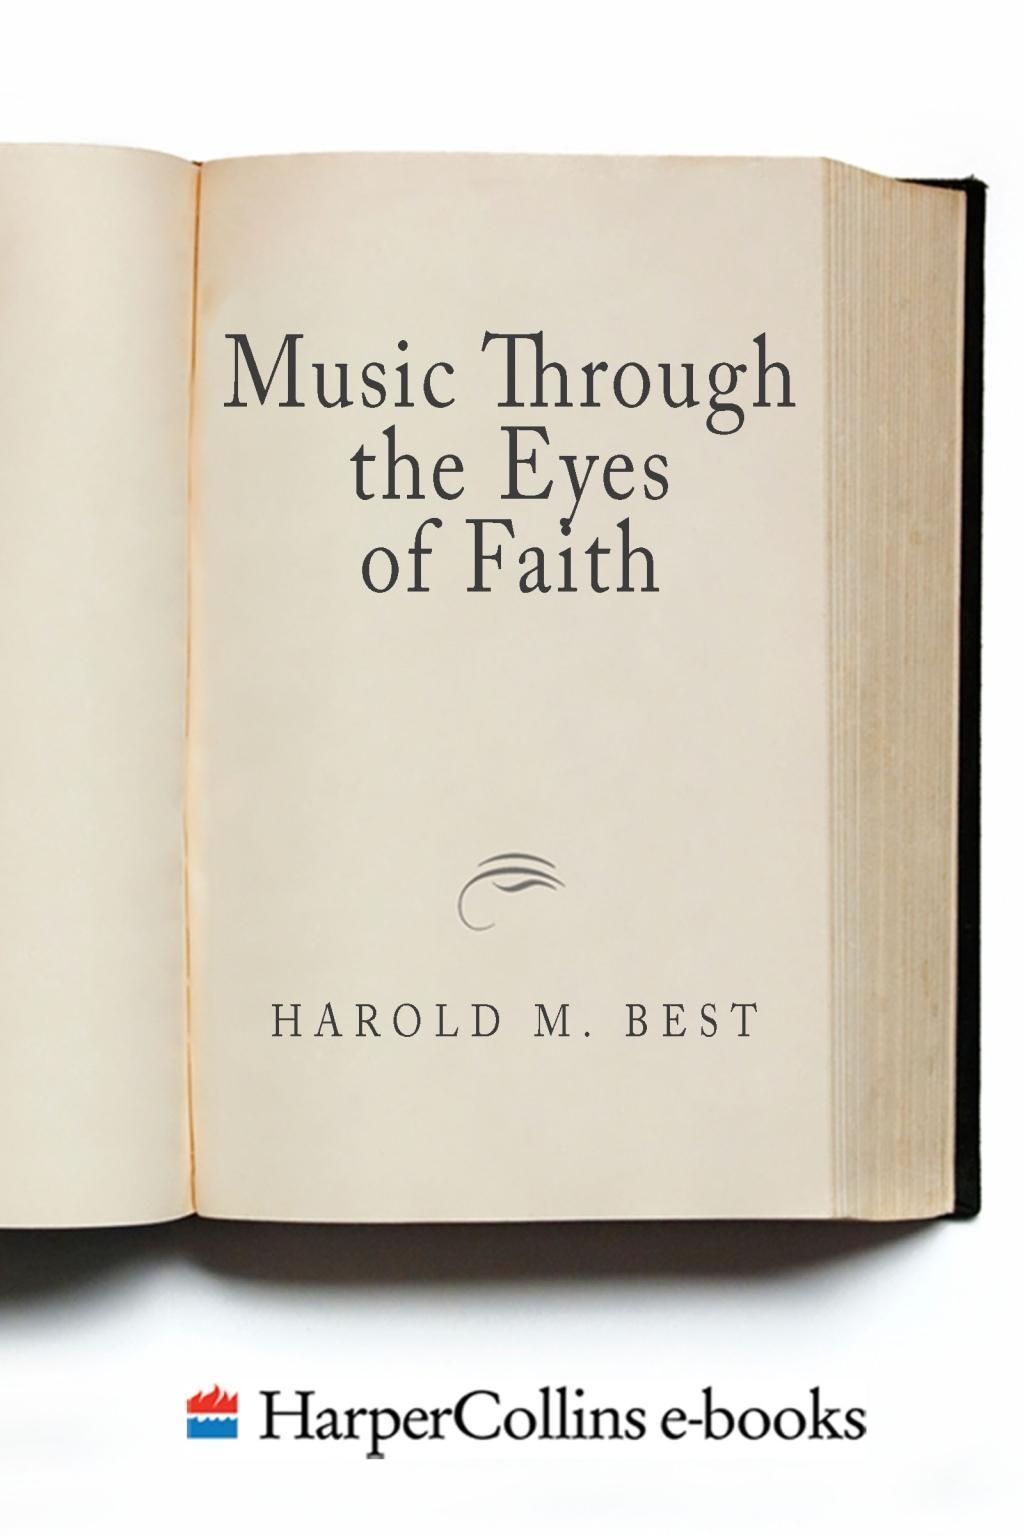 Music Through the Eyes of Faith